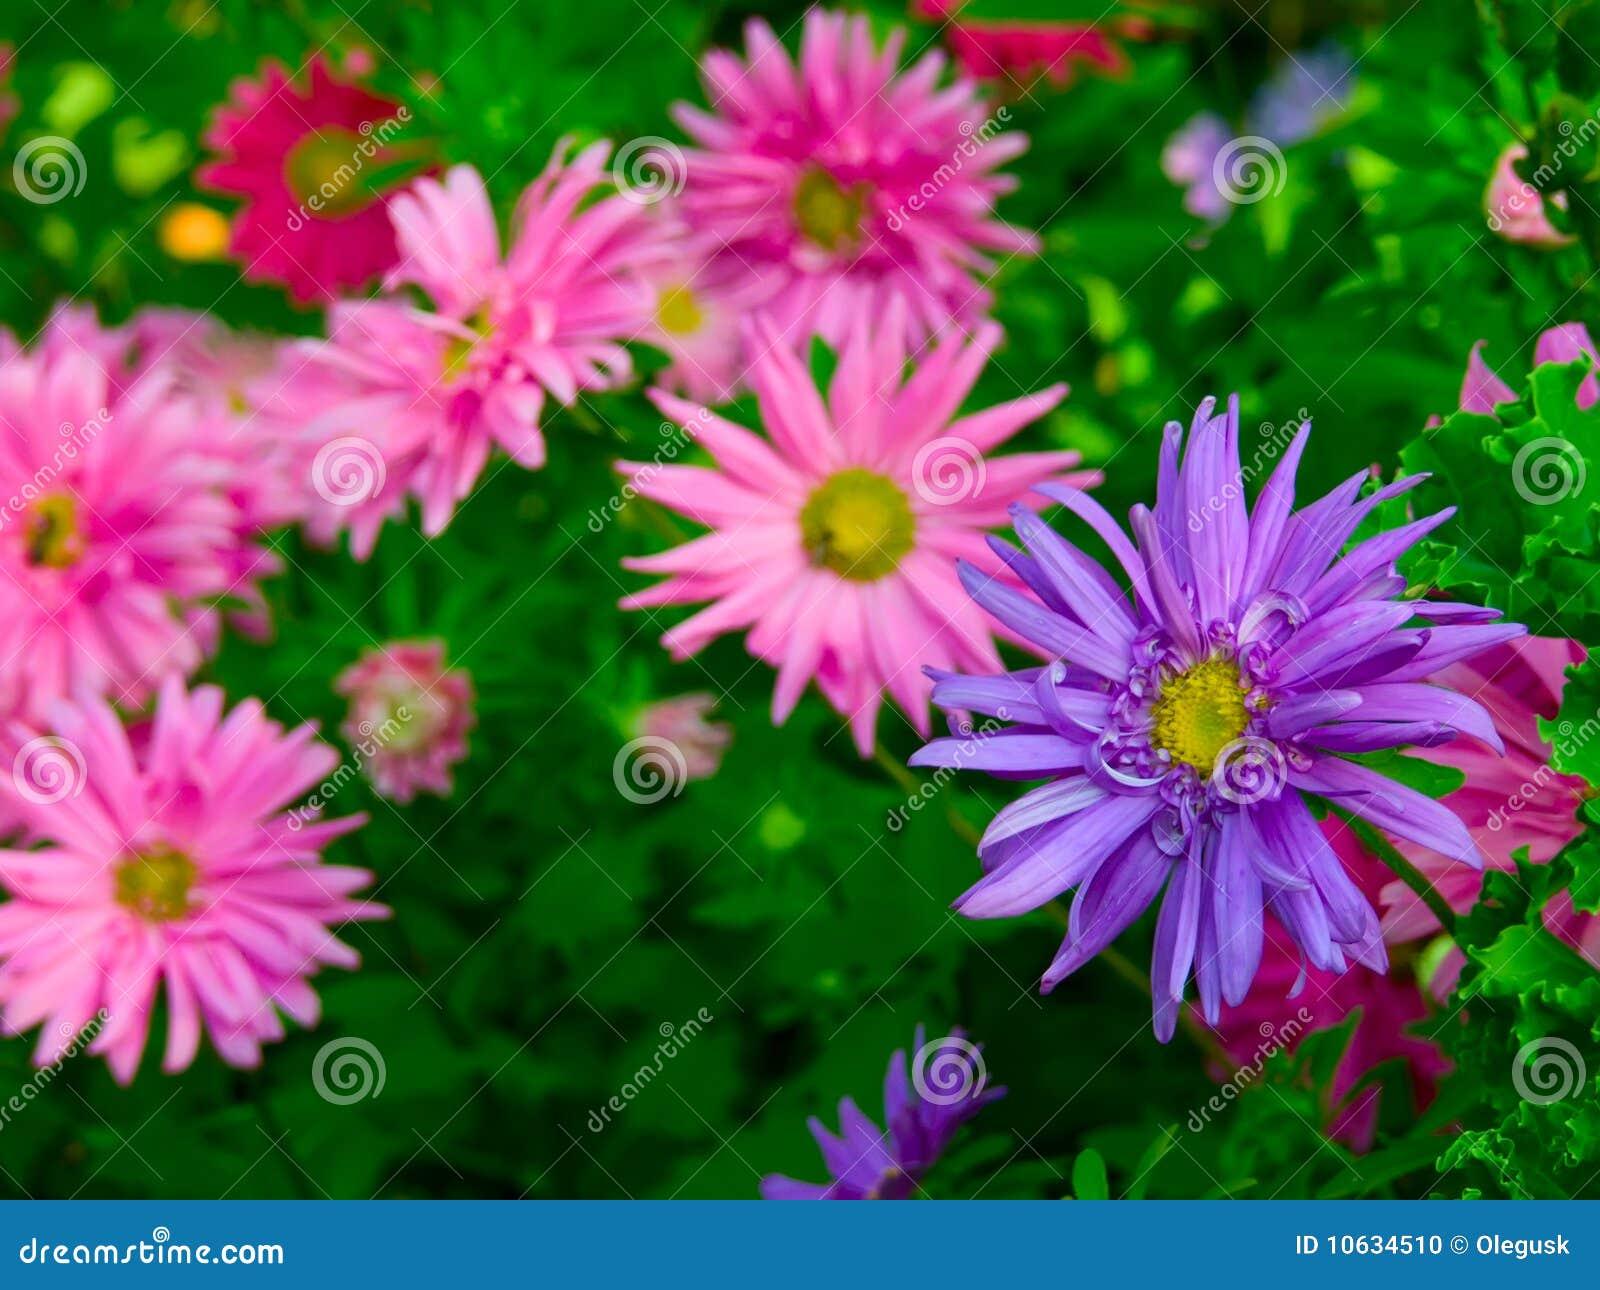 Fleurs d 39 aster dans un jardin photo stock image du for Fleurs dans un jardin